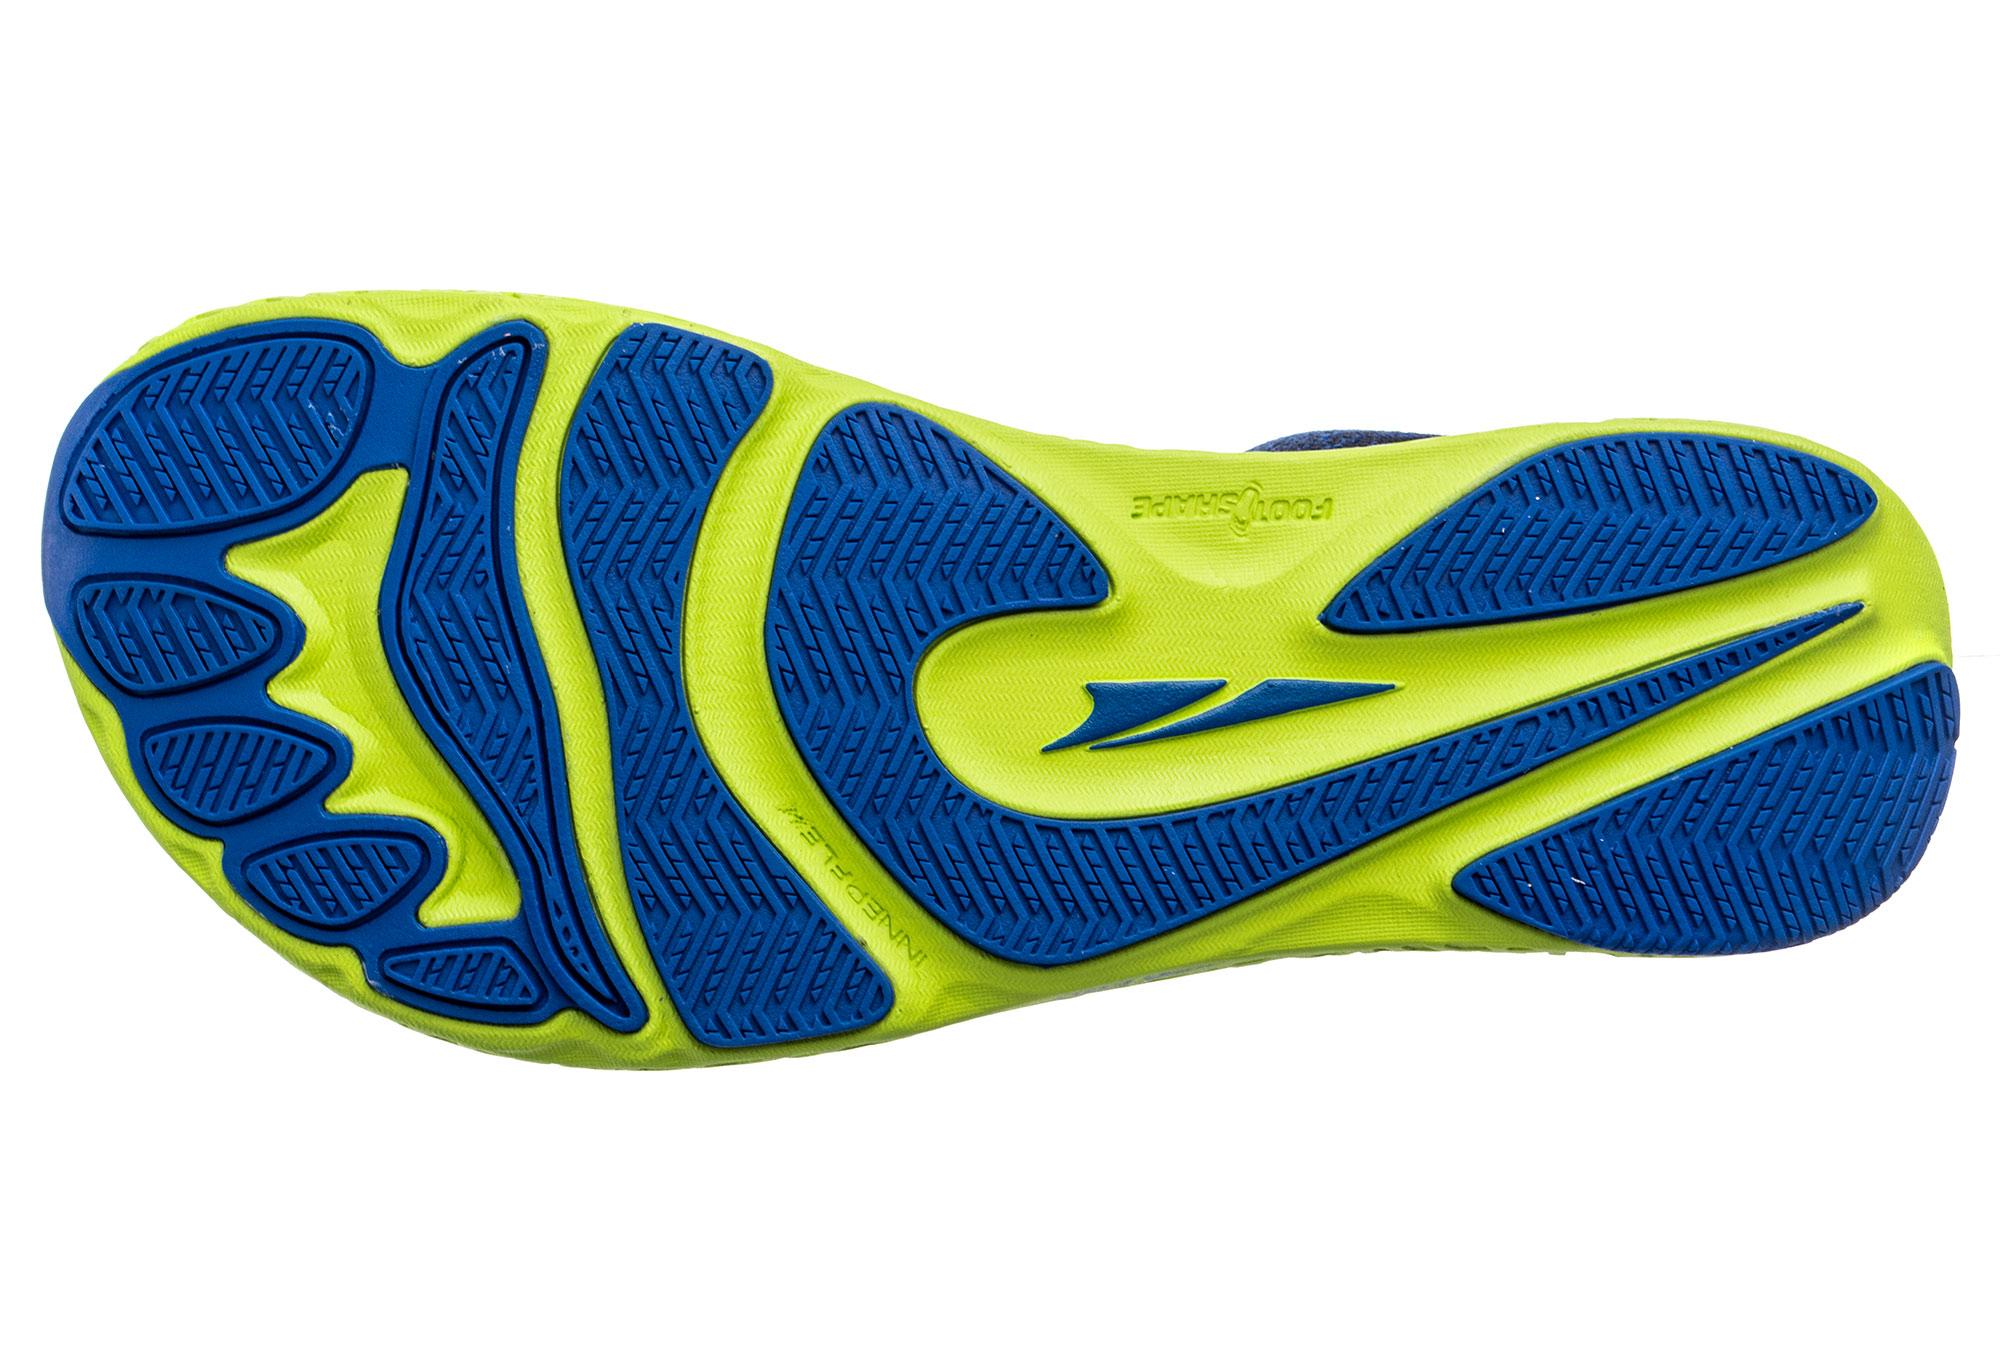 timeless design 6e9e4 3ebb7 Altra Escalante 1.5 Shoes Blue Green